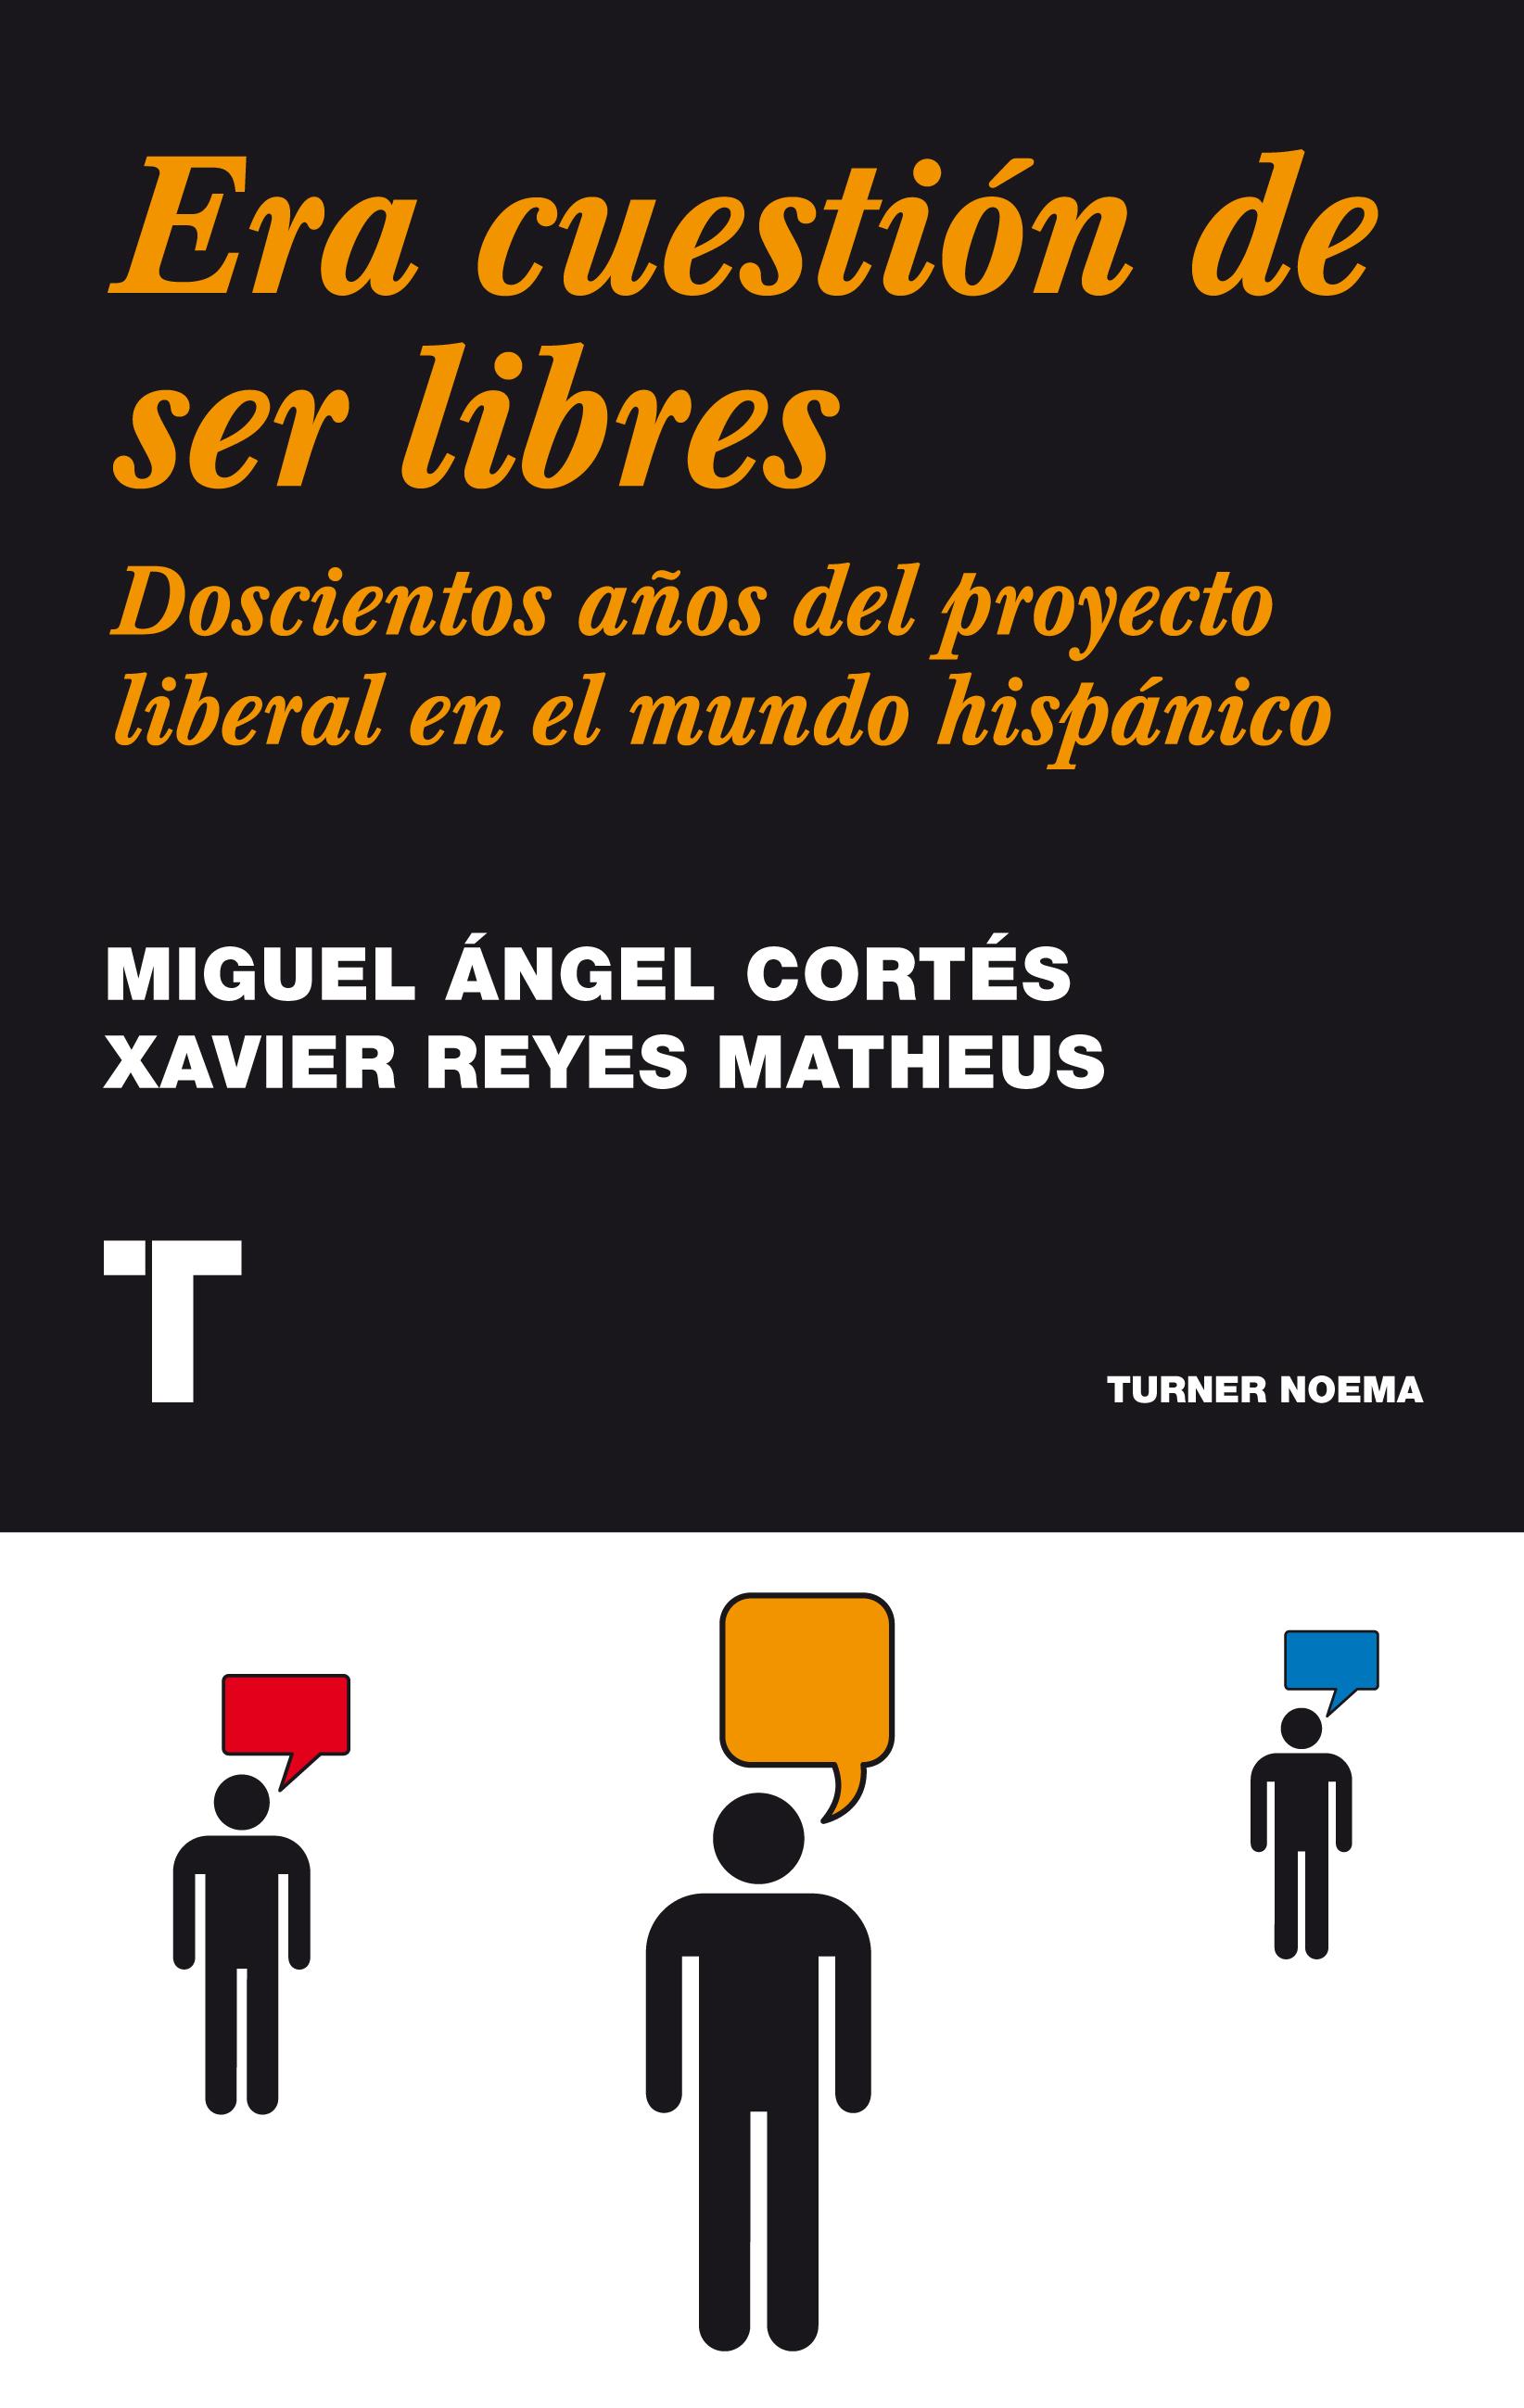 цена Miguel Ángel Cortés Era cuestión de ser libres